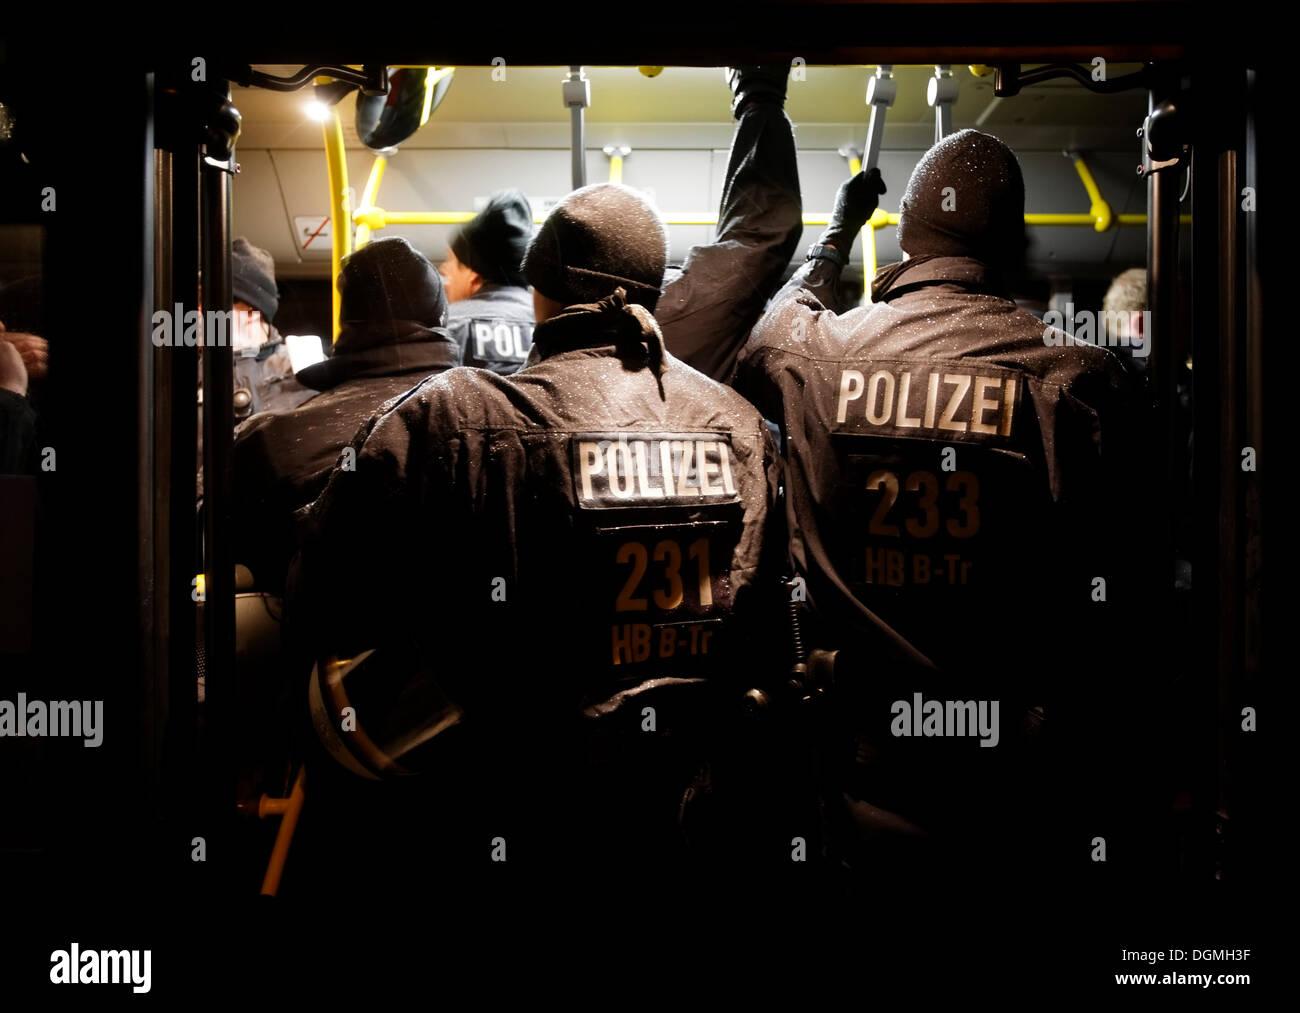 Bereitschaftspolizei Reiten in öffentlich-rechtlichen Vehicle der Stuttgarter Straßenbahnen zu einer Demonstration gegen Stuttgart 21 Stockbild